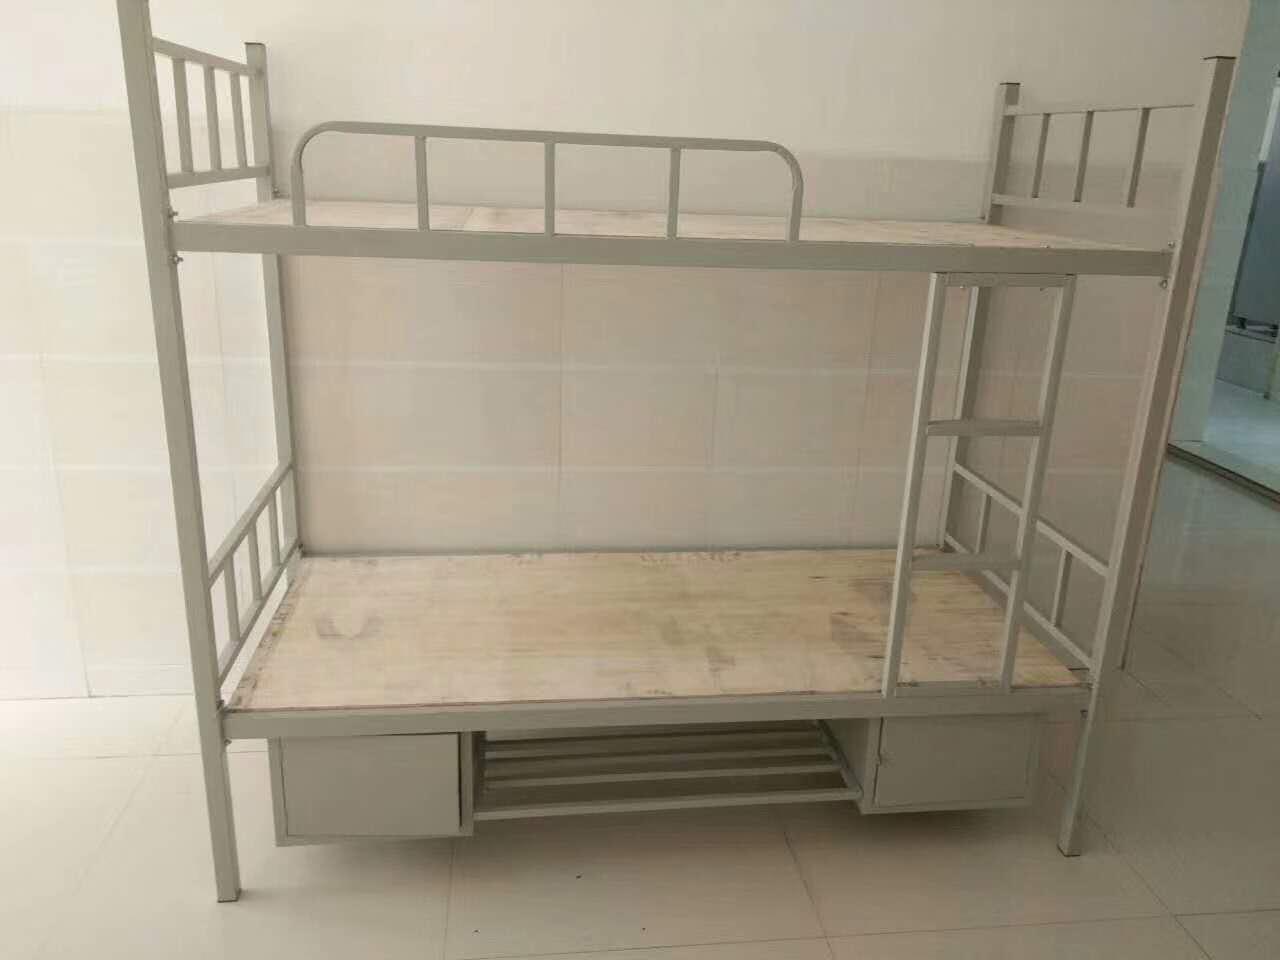 卡扣式拆装公寓床要比之前的螺栓连接公寓床安装又快又方便